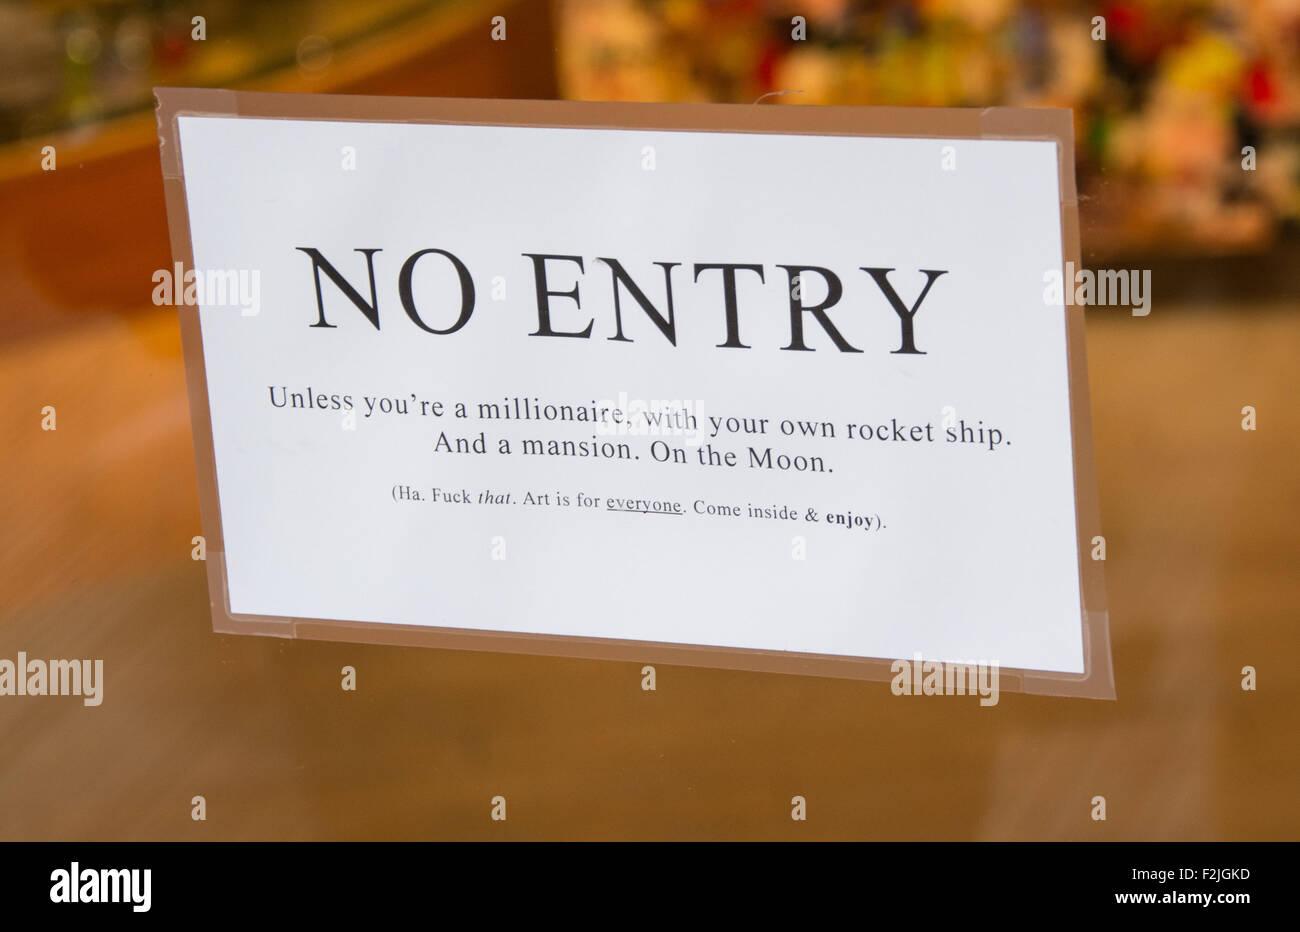 Fun No Entry Sign - Stock Image